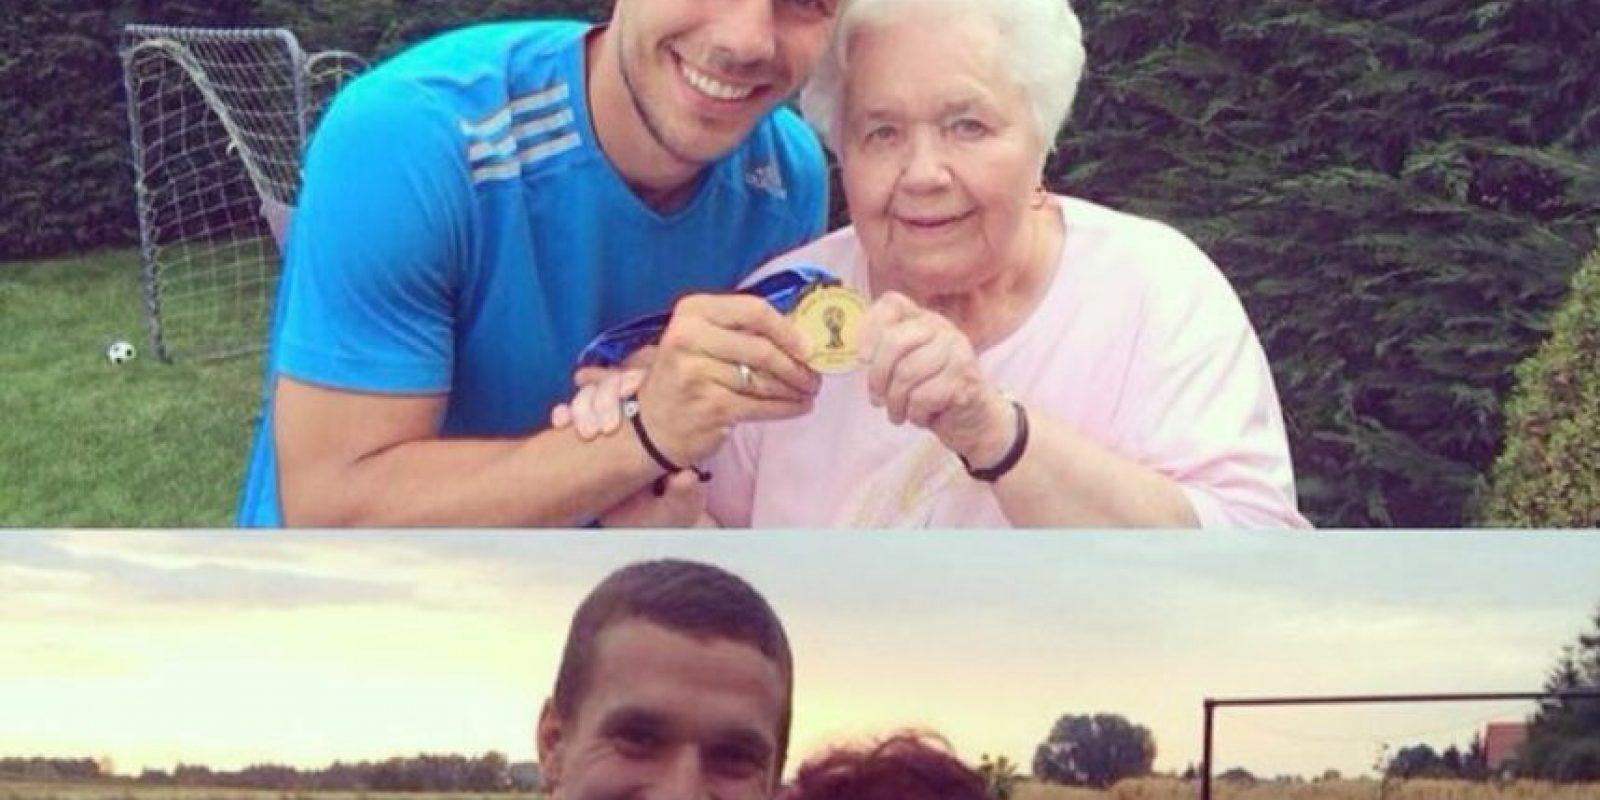 Con sus abuelas mostrando la medalla de campeón del mundo Foto:Instagram: @poldi_official